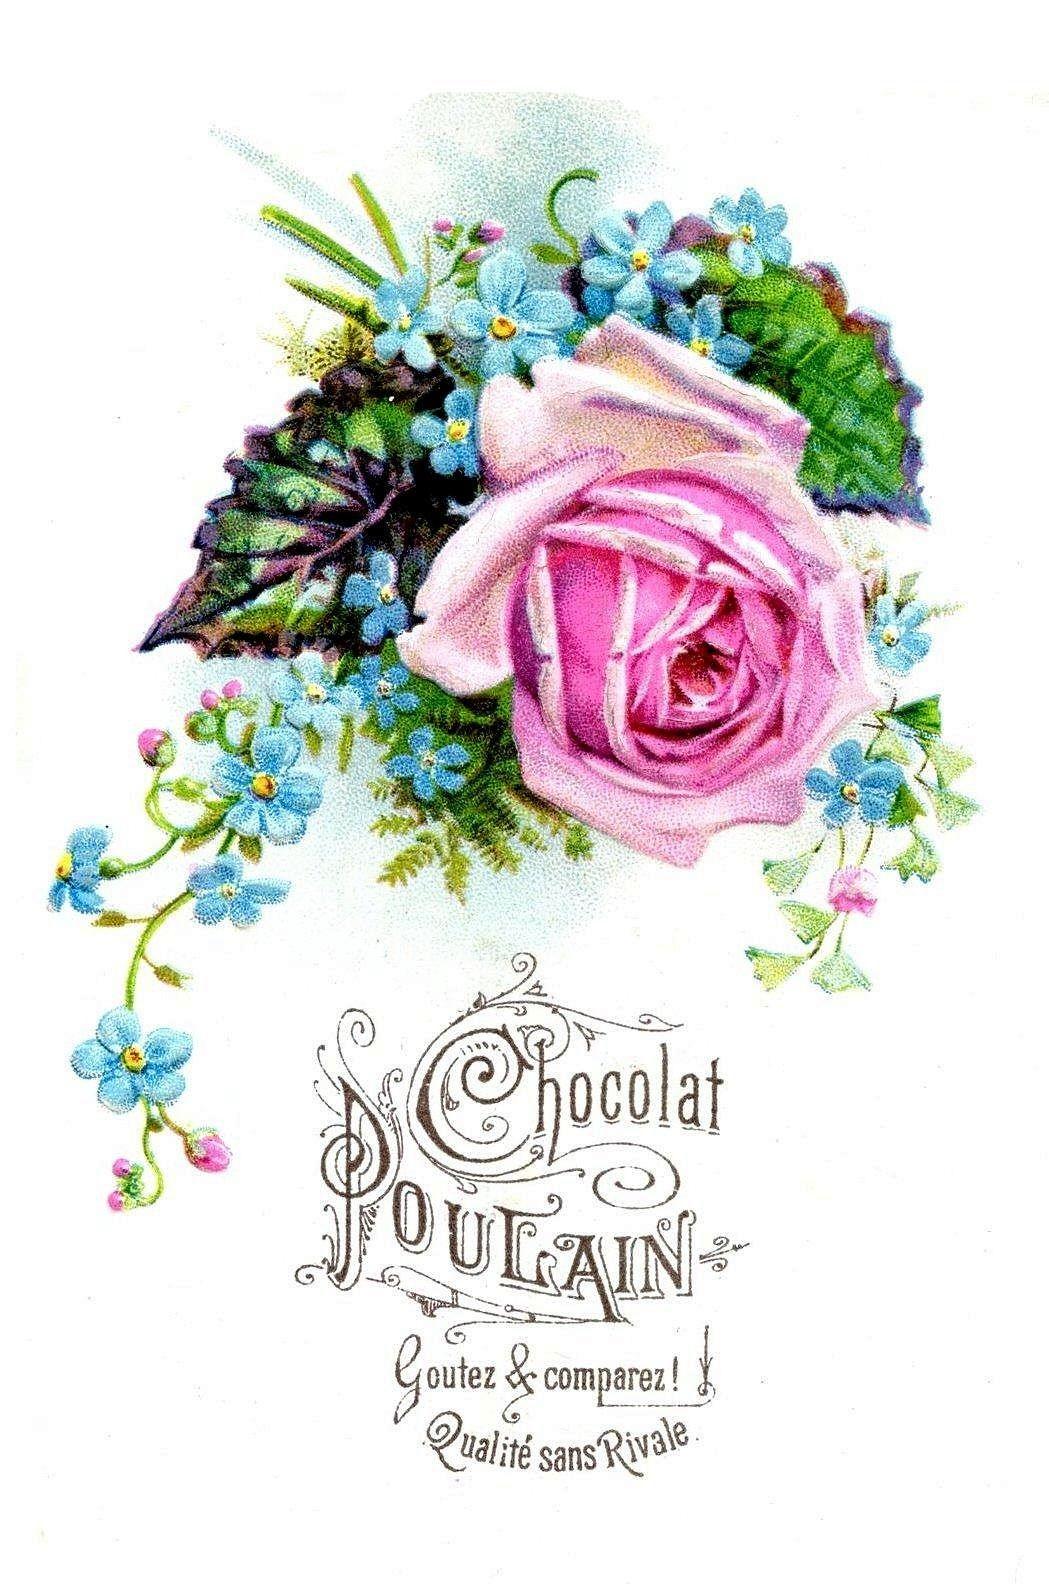 Chocolat Poulain  roses